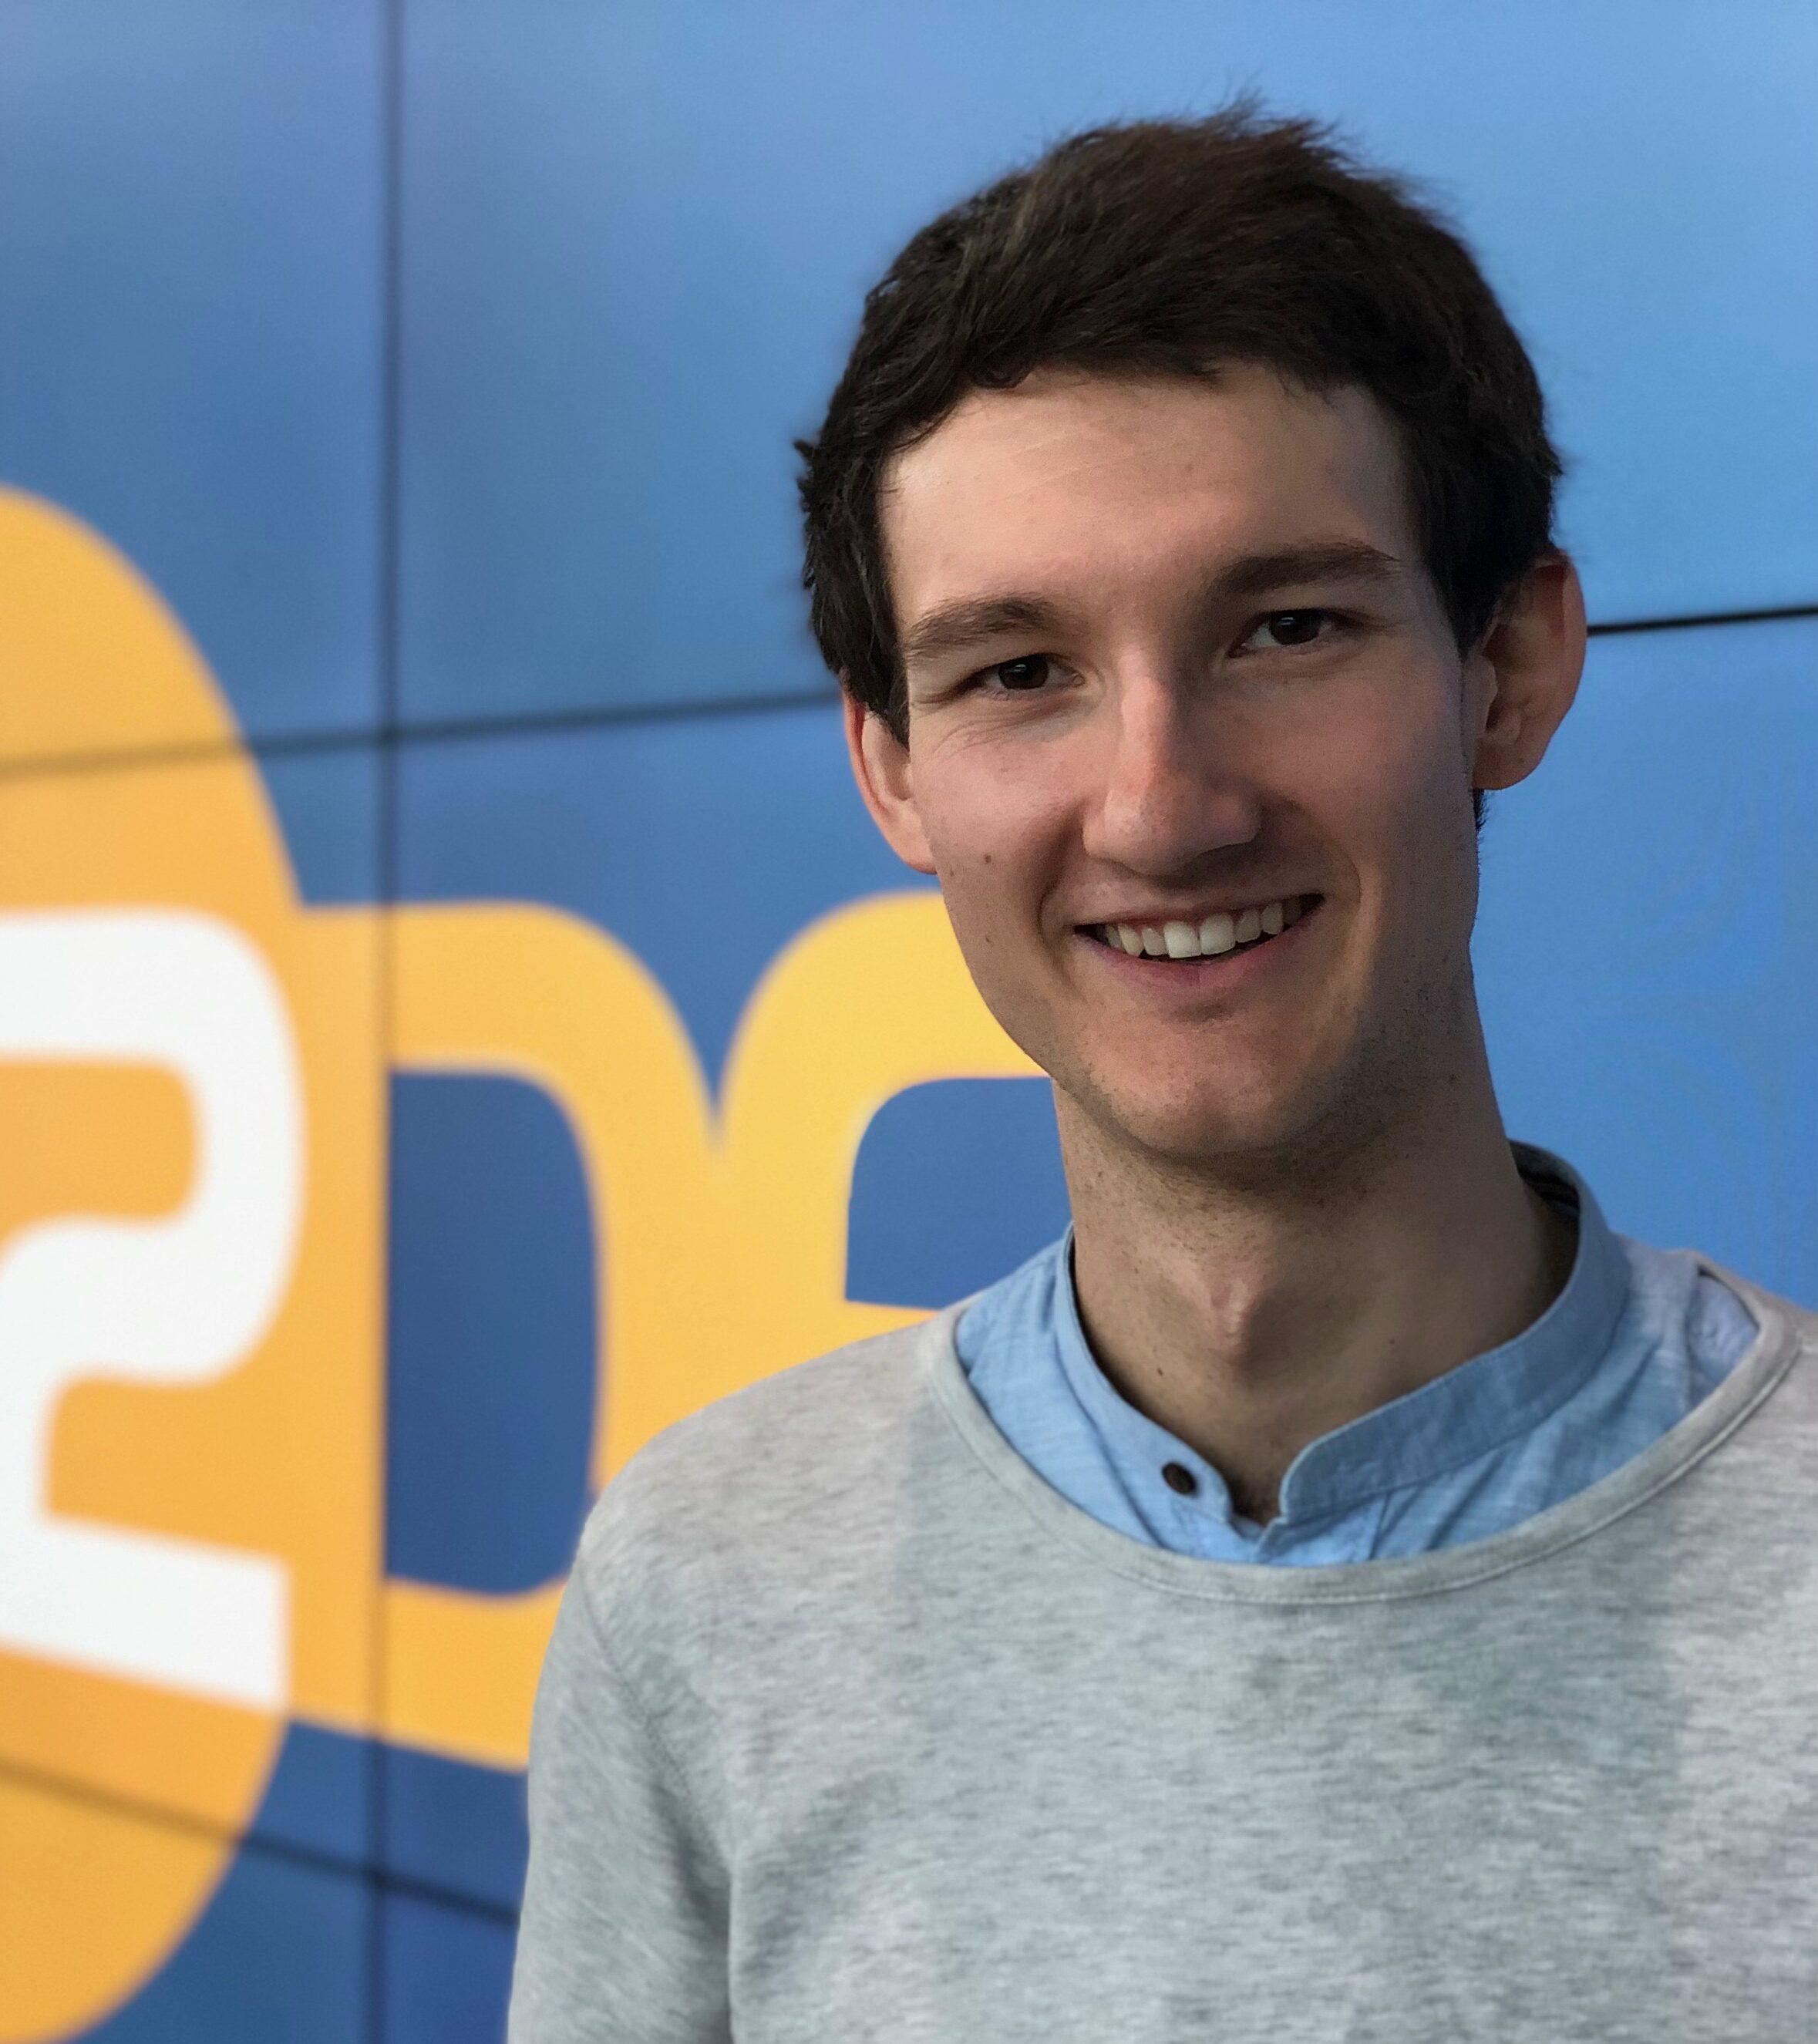 Florian Eib steht vor einer Videowand und lacht in die Kamera. Florian Eib ist studierter Sprach- und Sprechwissenschaftler. Er ist Sprecher für Audiodeskription bei zahlreichen Sportarten, Film und Schauspiel. Bei der gemeinnützigen HörMal Audiodeskription Unternehmergesellschaft ist Florian Eib für Presse- und Öffentlichkeitsarbeit zuständig.